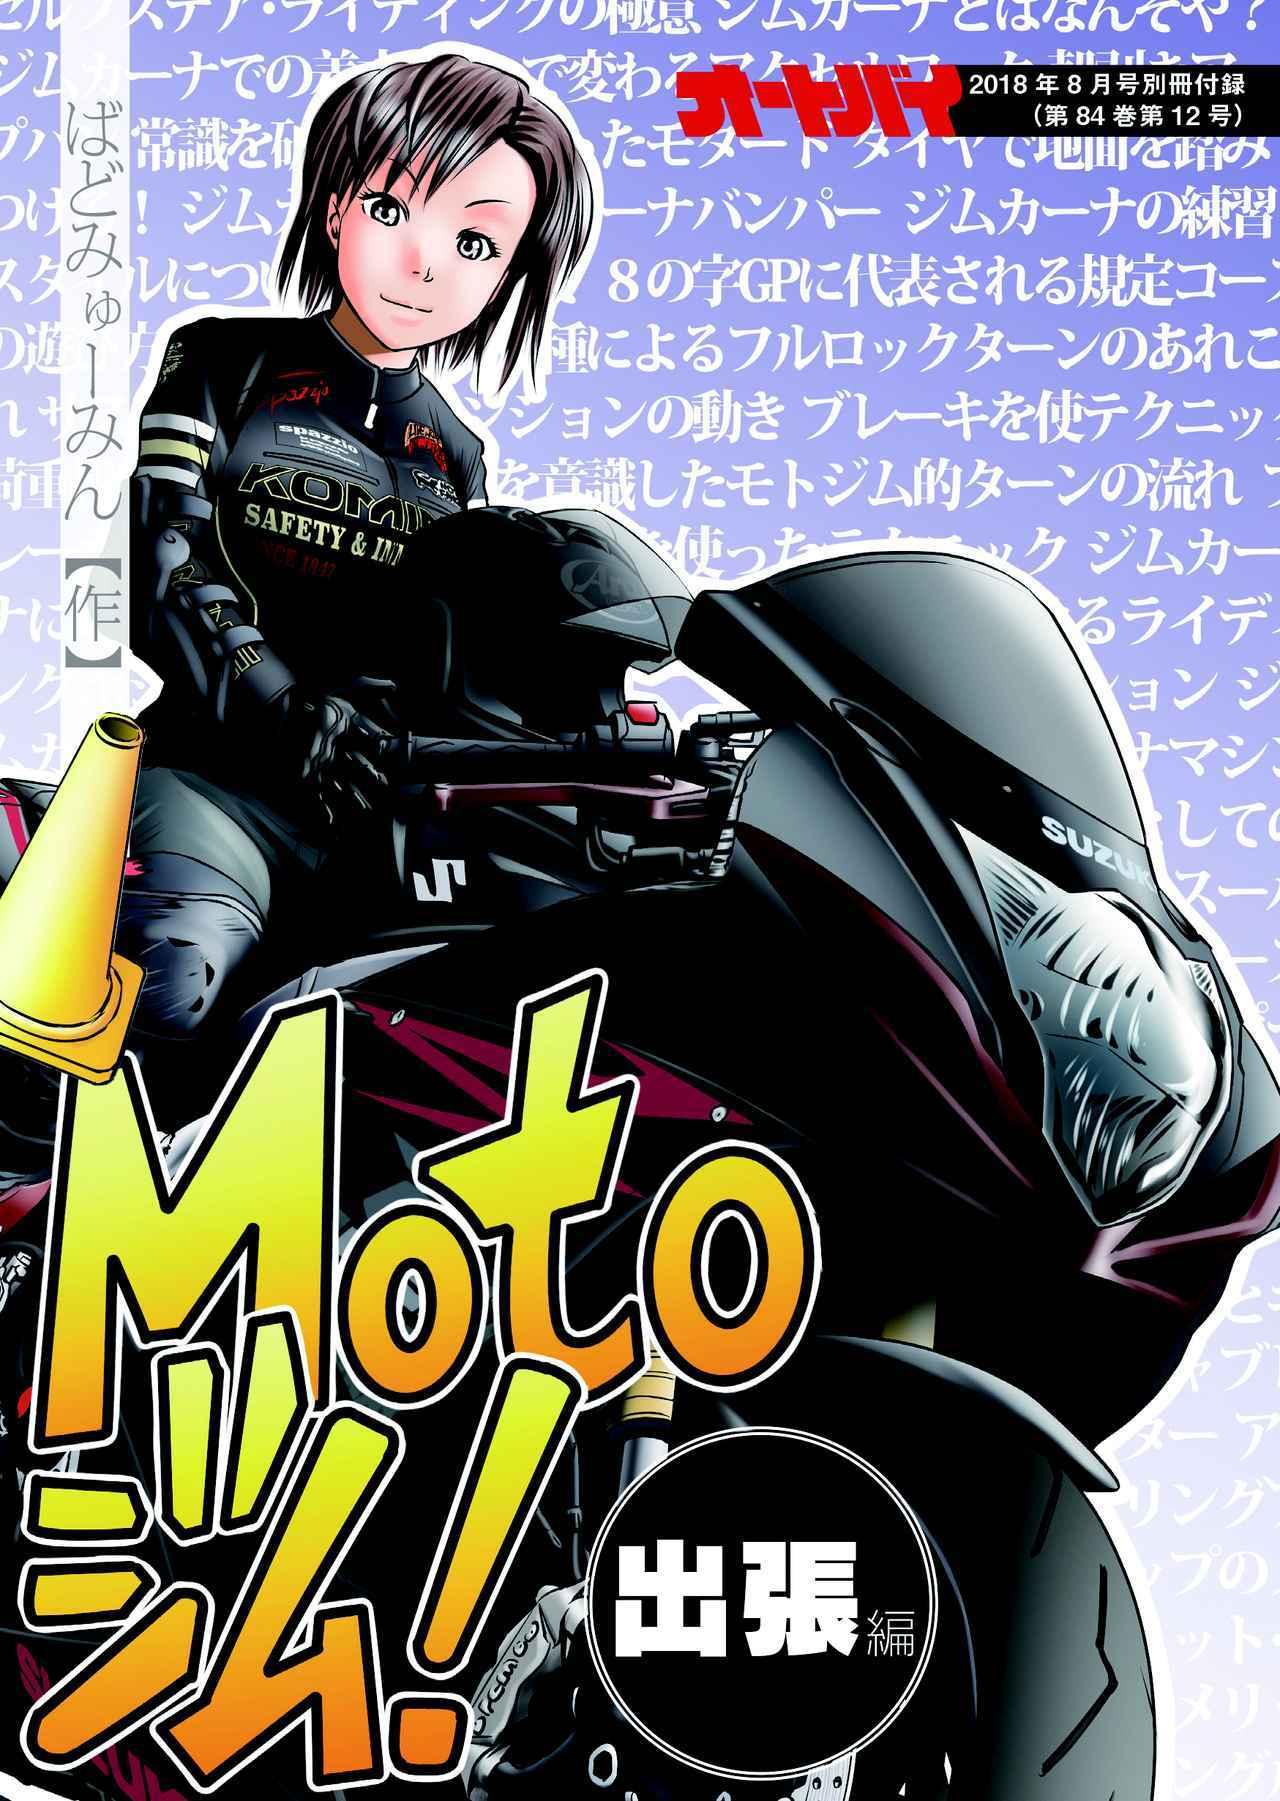 画像1: 単行本が好評発売中! ジムカーナ漫画の『Motoジム!』の特別版!